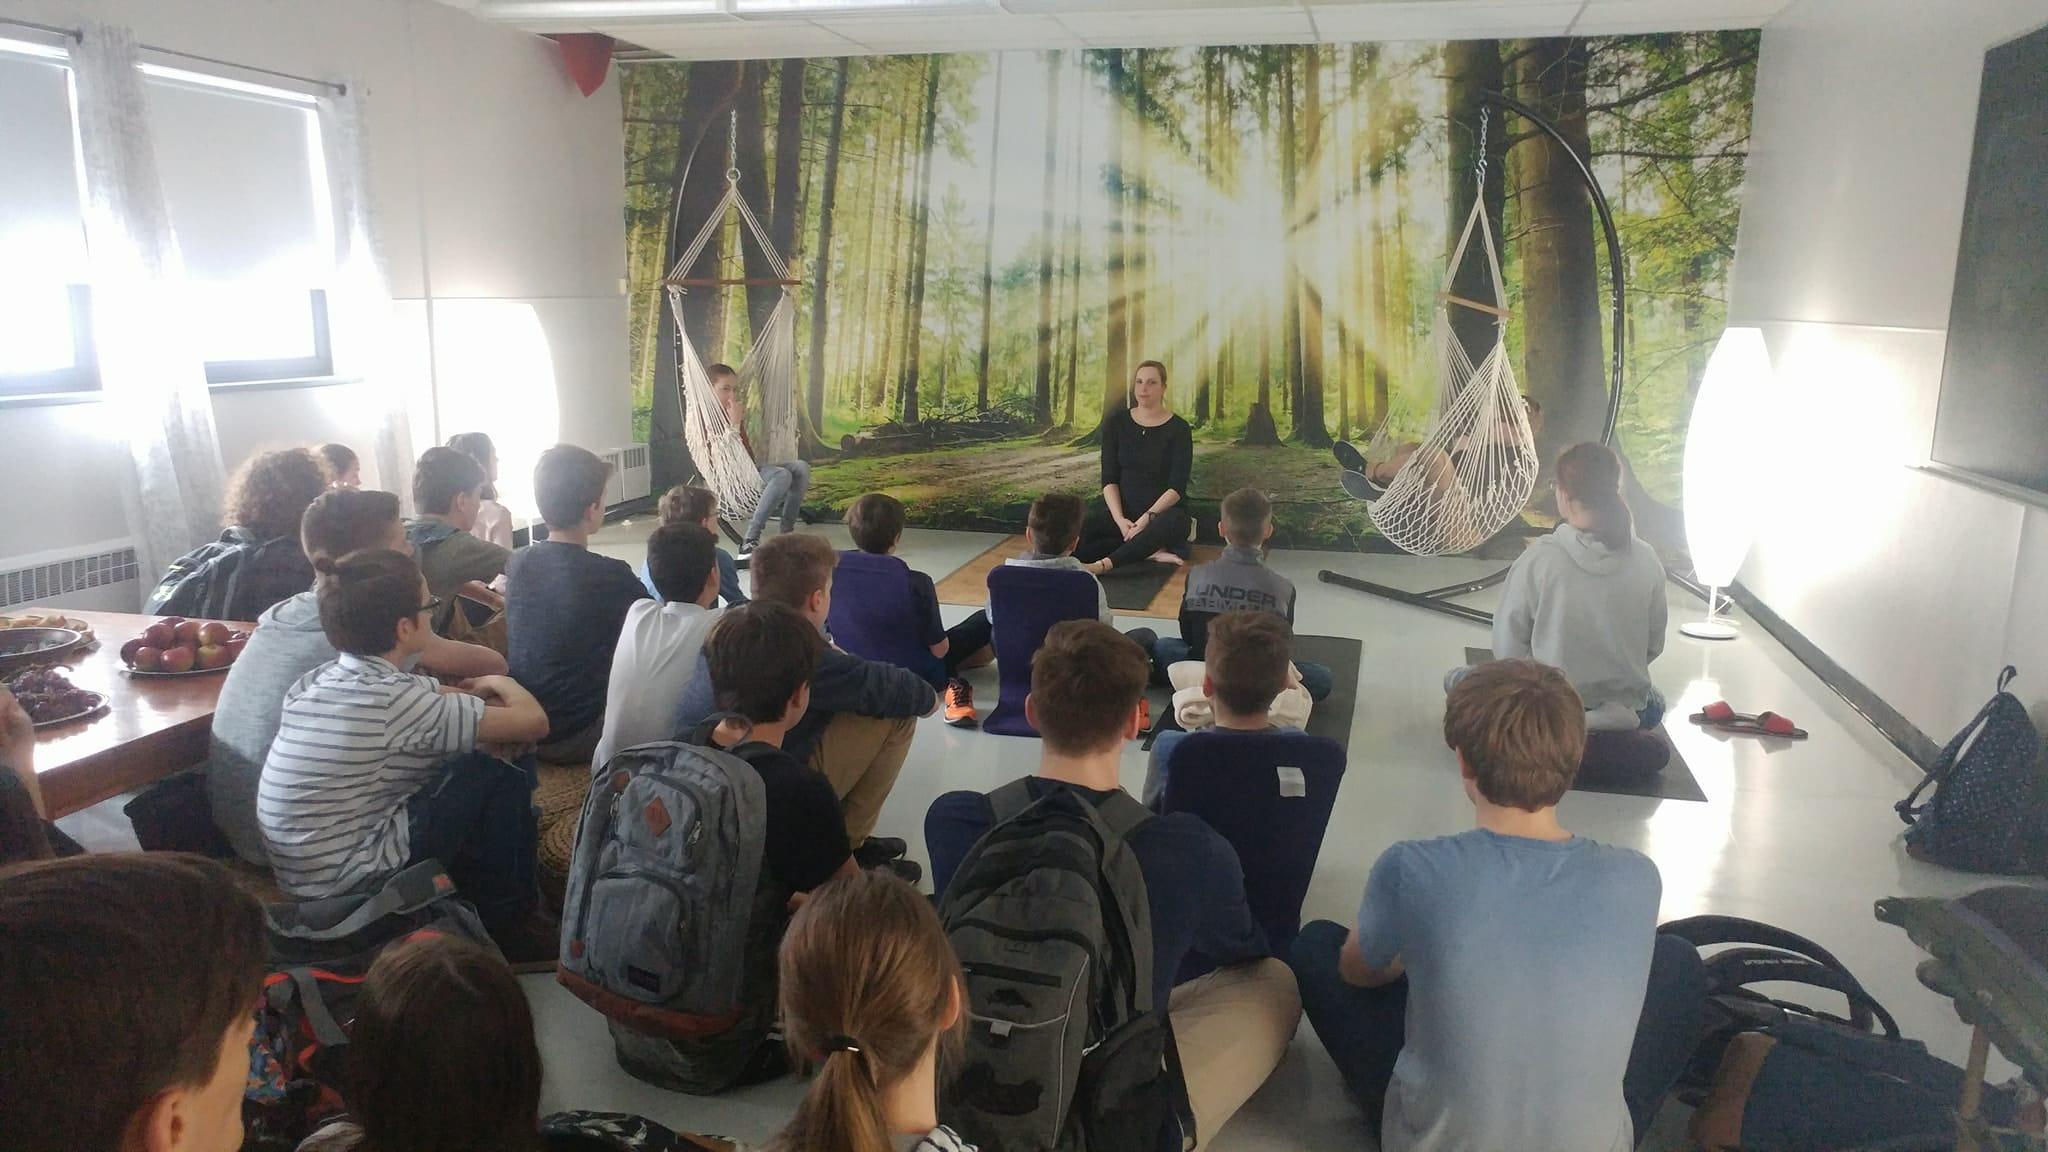 Coloriage Gymnase Ecole.Un Salon Pour Calmer Les Jeunes A La Source